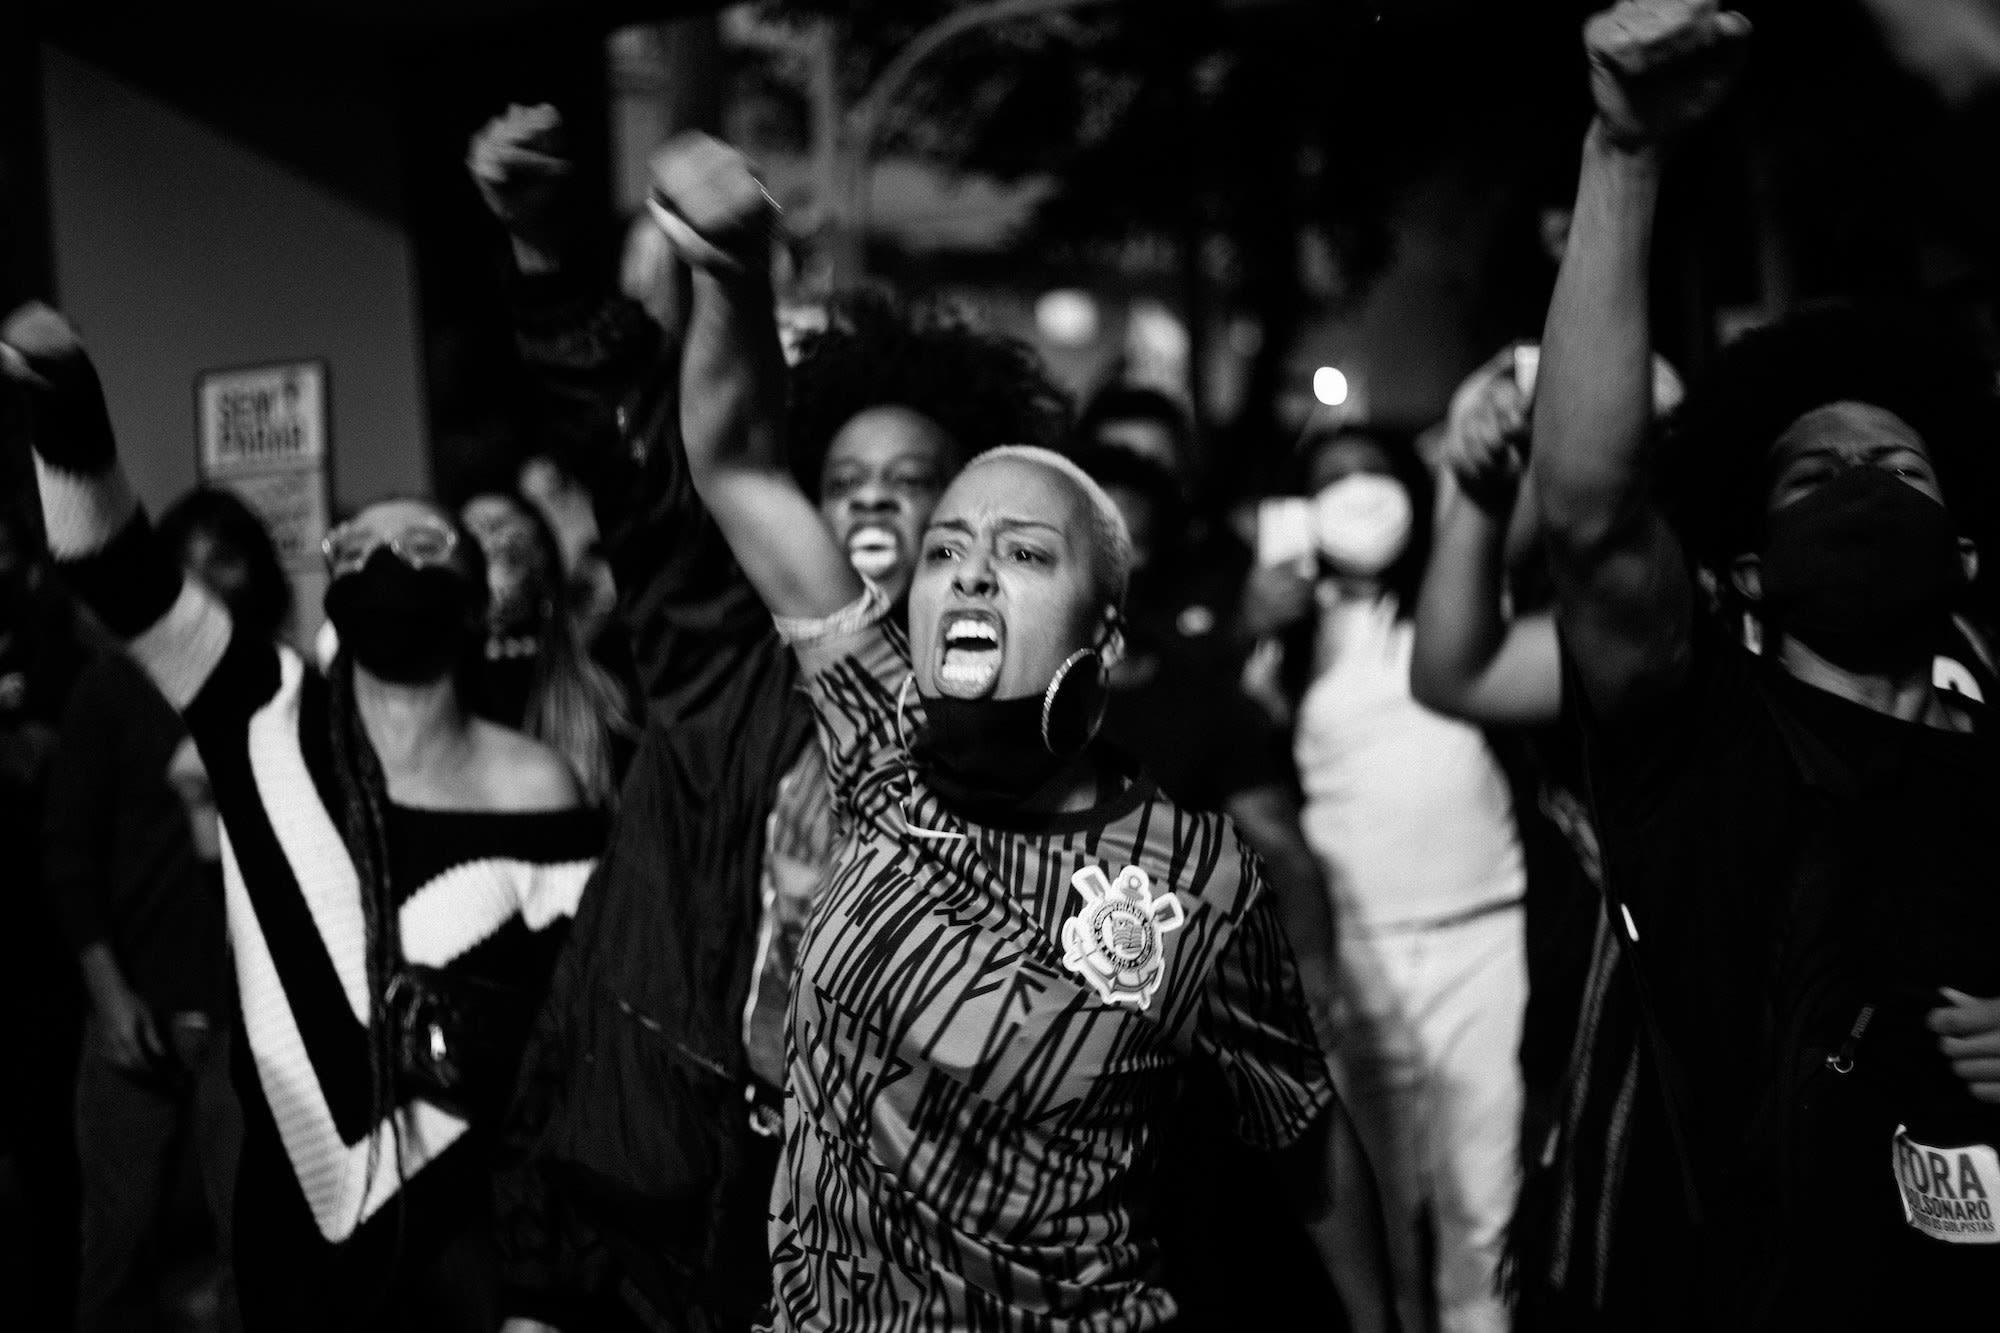 Cena de protesto com pessoas com braços erguidos, uma mulher em primeiro plano vestindo camiseta com estampa de pixo, brincos de argola, com bandana no pescoço, gritando com braço erguido.